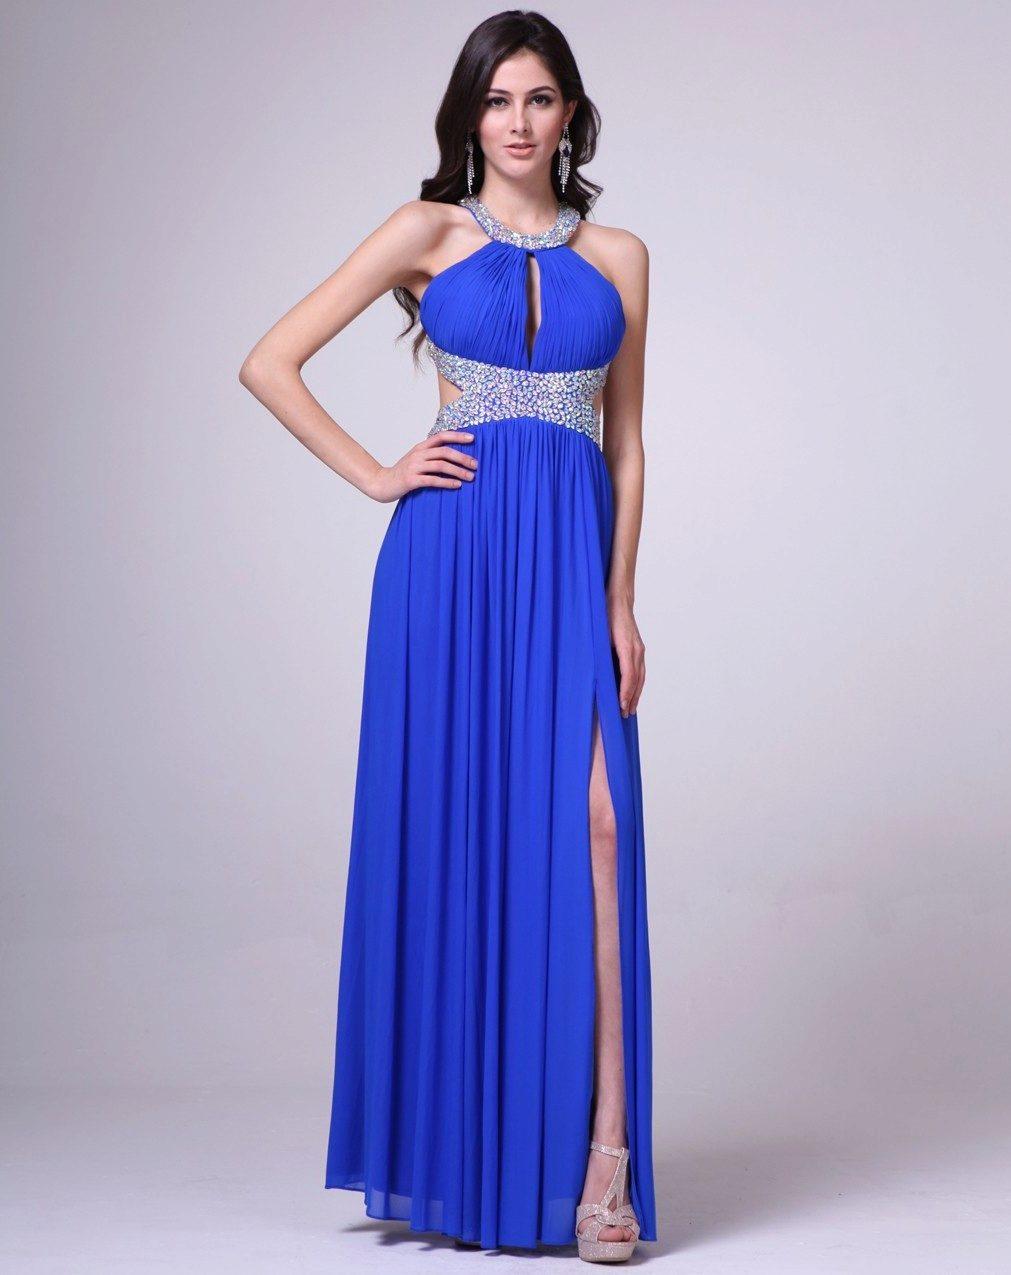 Греческое платье своими руками с открытой спиной фото 784